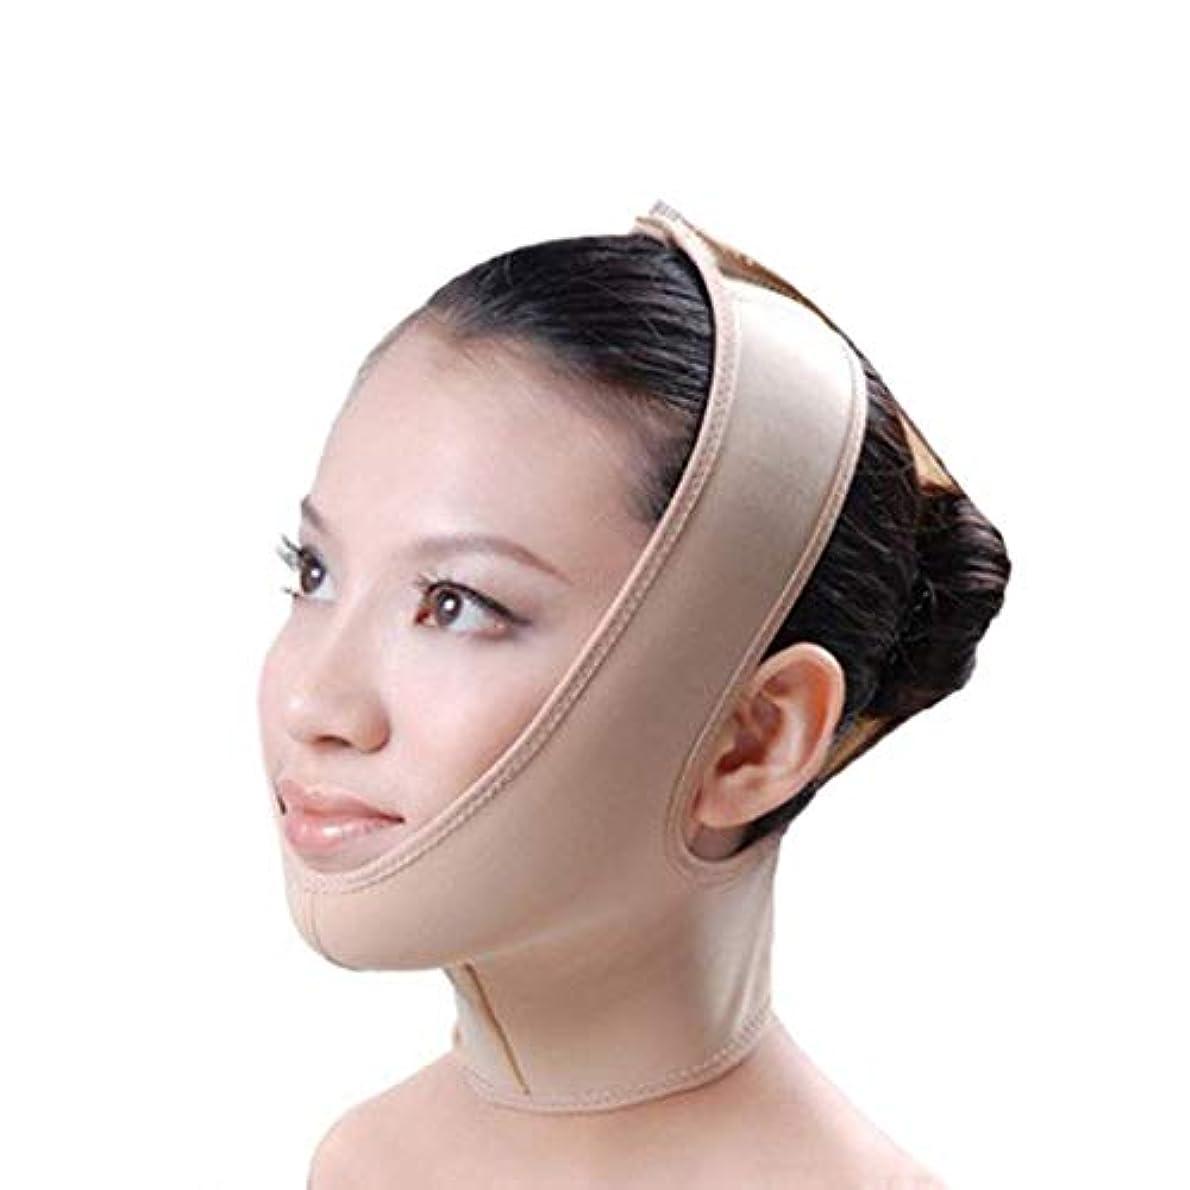 きらめく鷲統計的フェイススリム、リフティングマスク、包帯リフト、二重あご、引き締めフェイシャルリフト、フェイシャル減量マスク、リフティングスキン包帯(サイズ:XL),XL